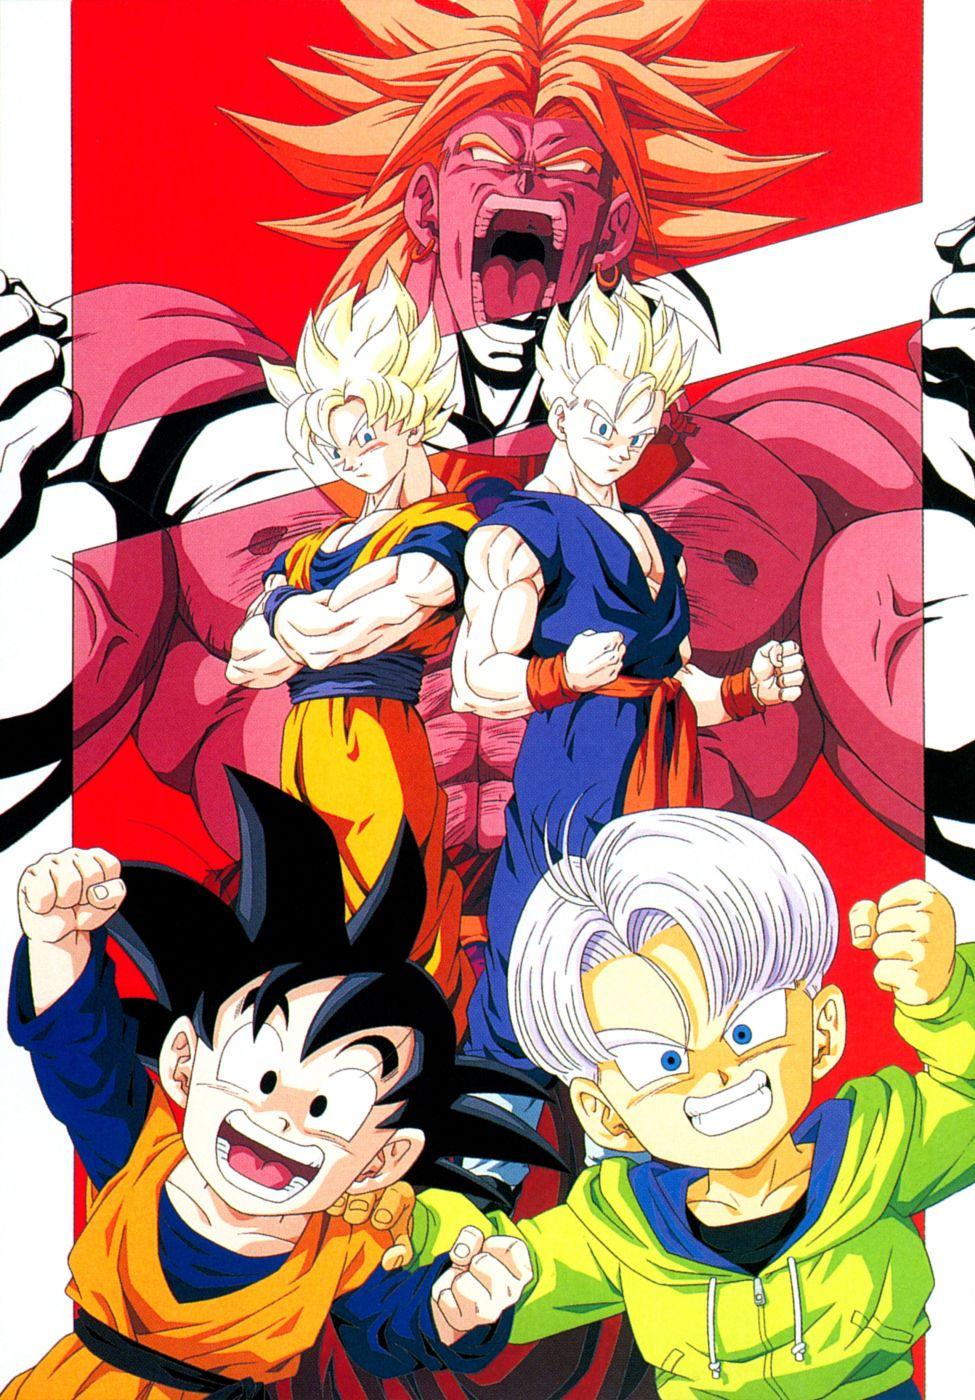 Goku Goten Trunks And Gohan Vs Broly Dragon Ball Art Dragon Ball Z Dragon Ball